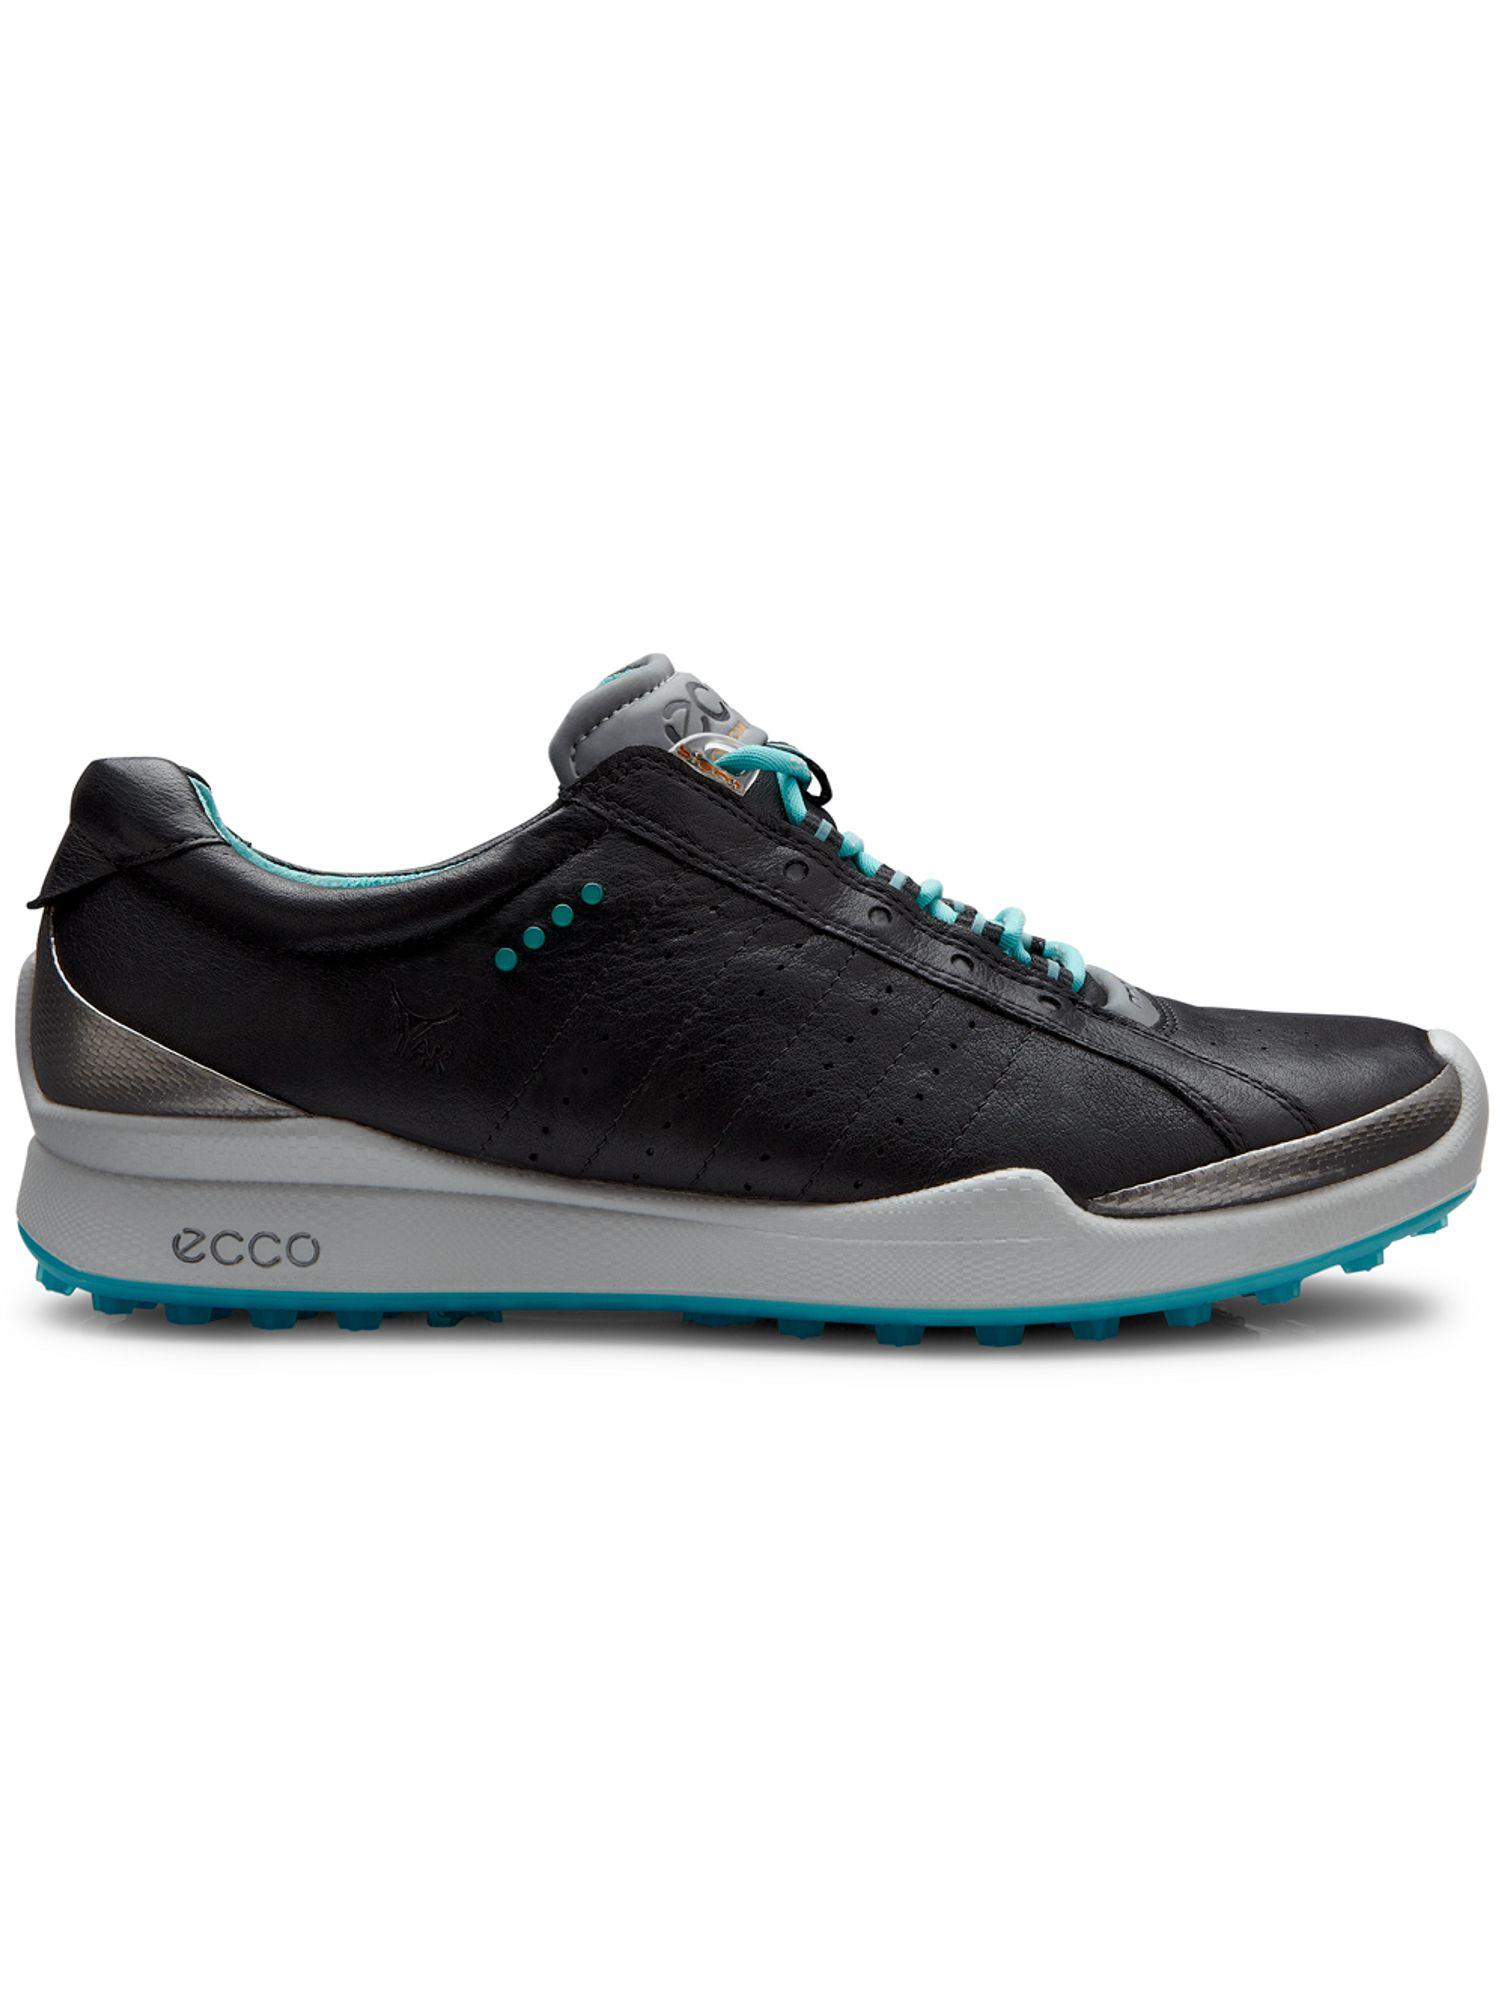 Ecco Biom Hybrid  Golf Shoes Review